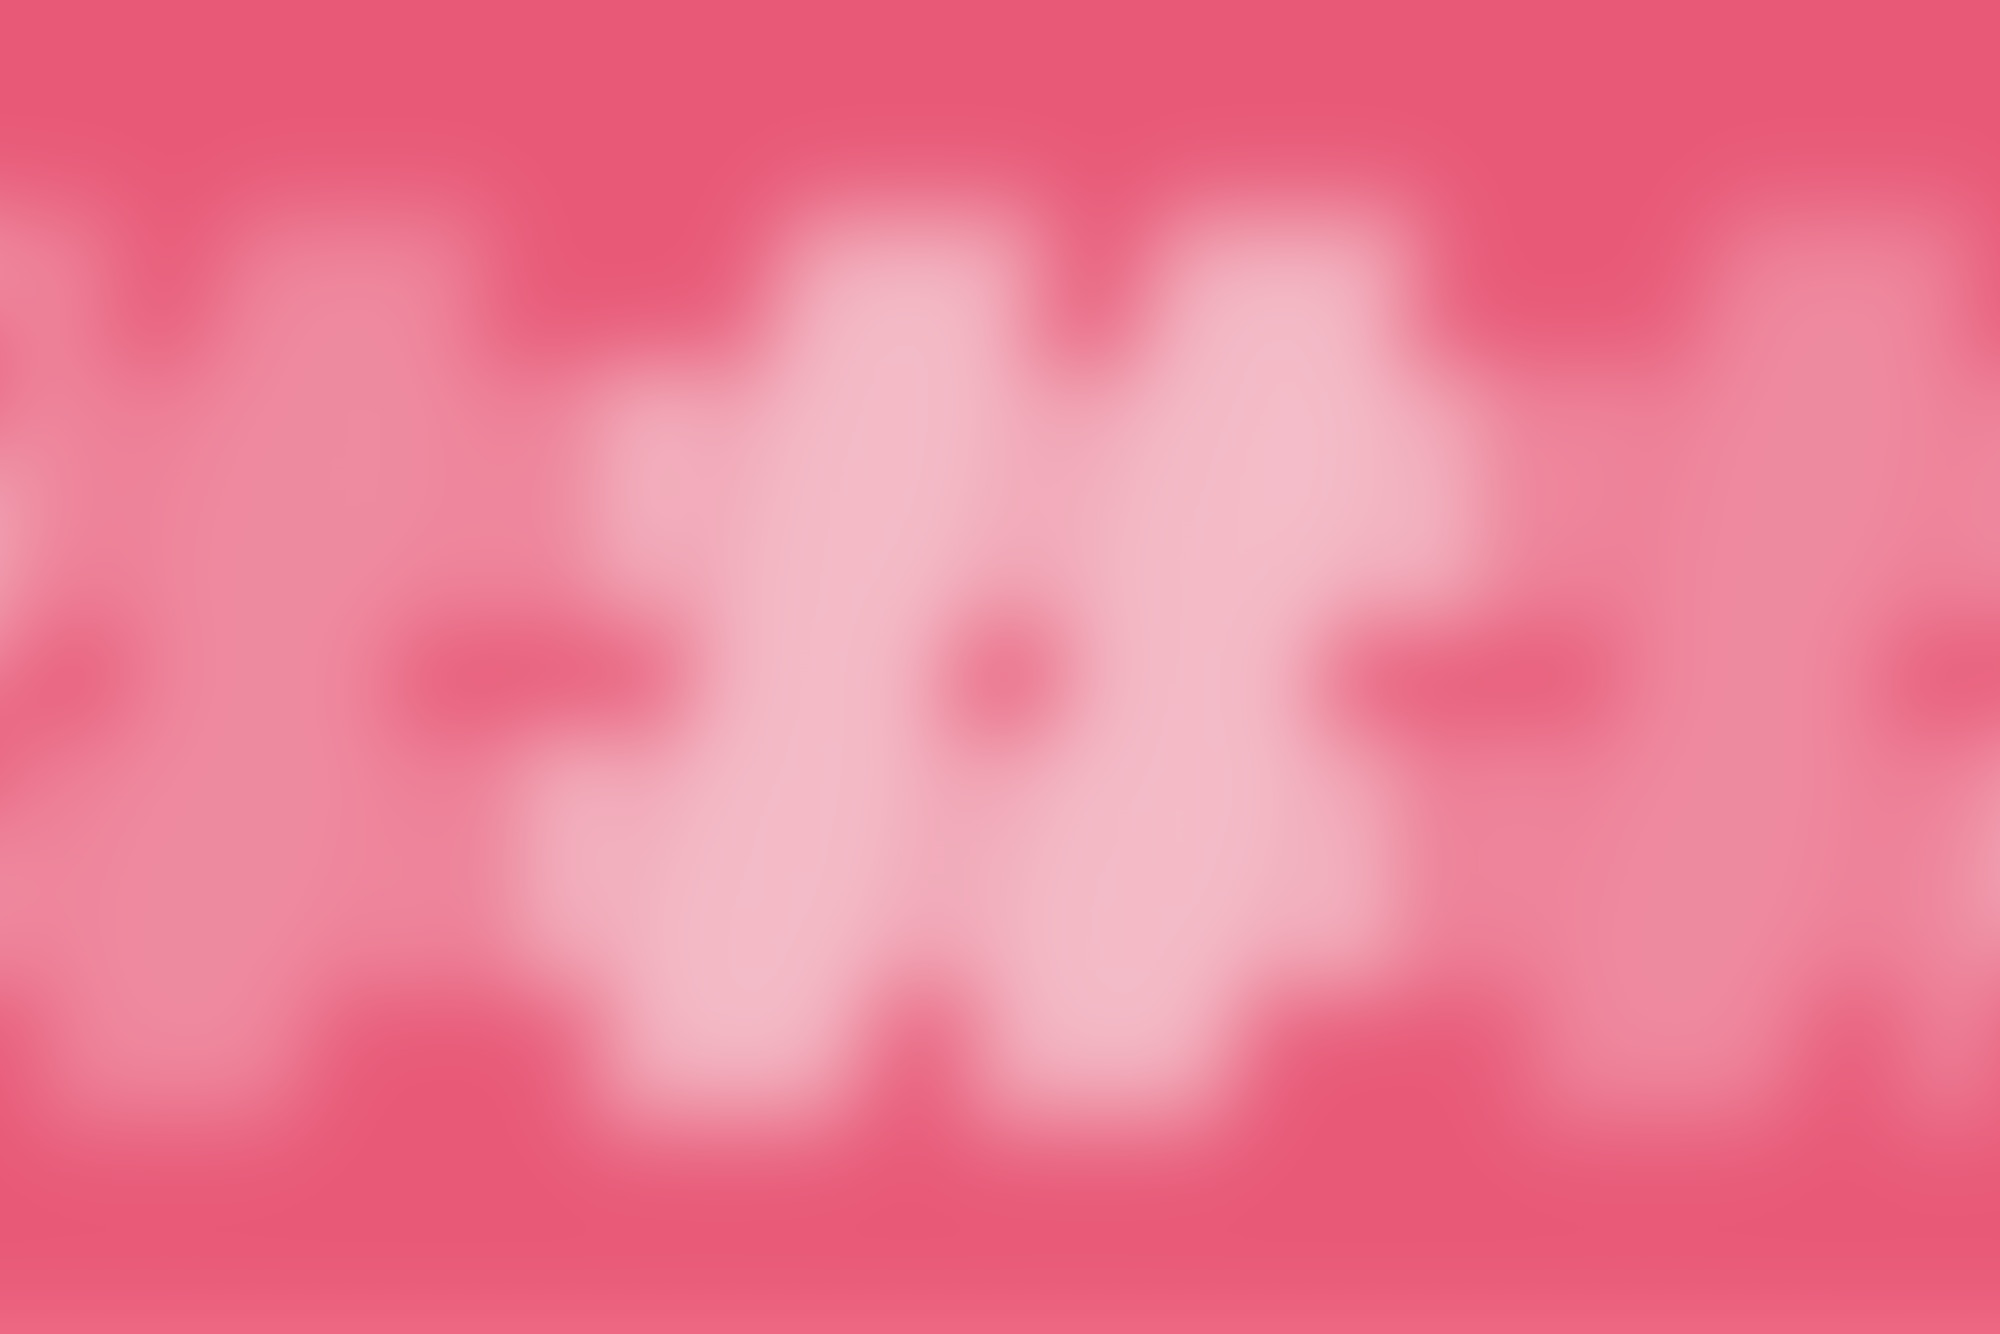 BM CL16 autocompressfitresizeixlibphp 1 1 0max h2000max w3 D2000q80s3f12f1bb1cb35a7677309b46c36c6177